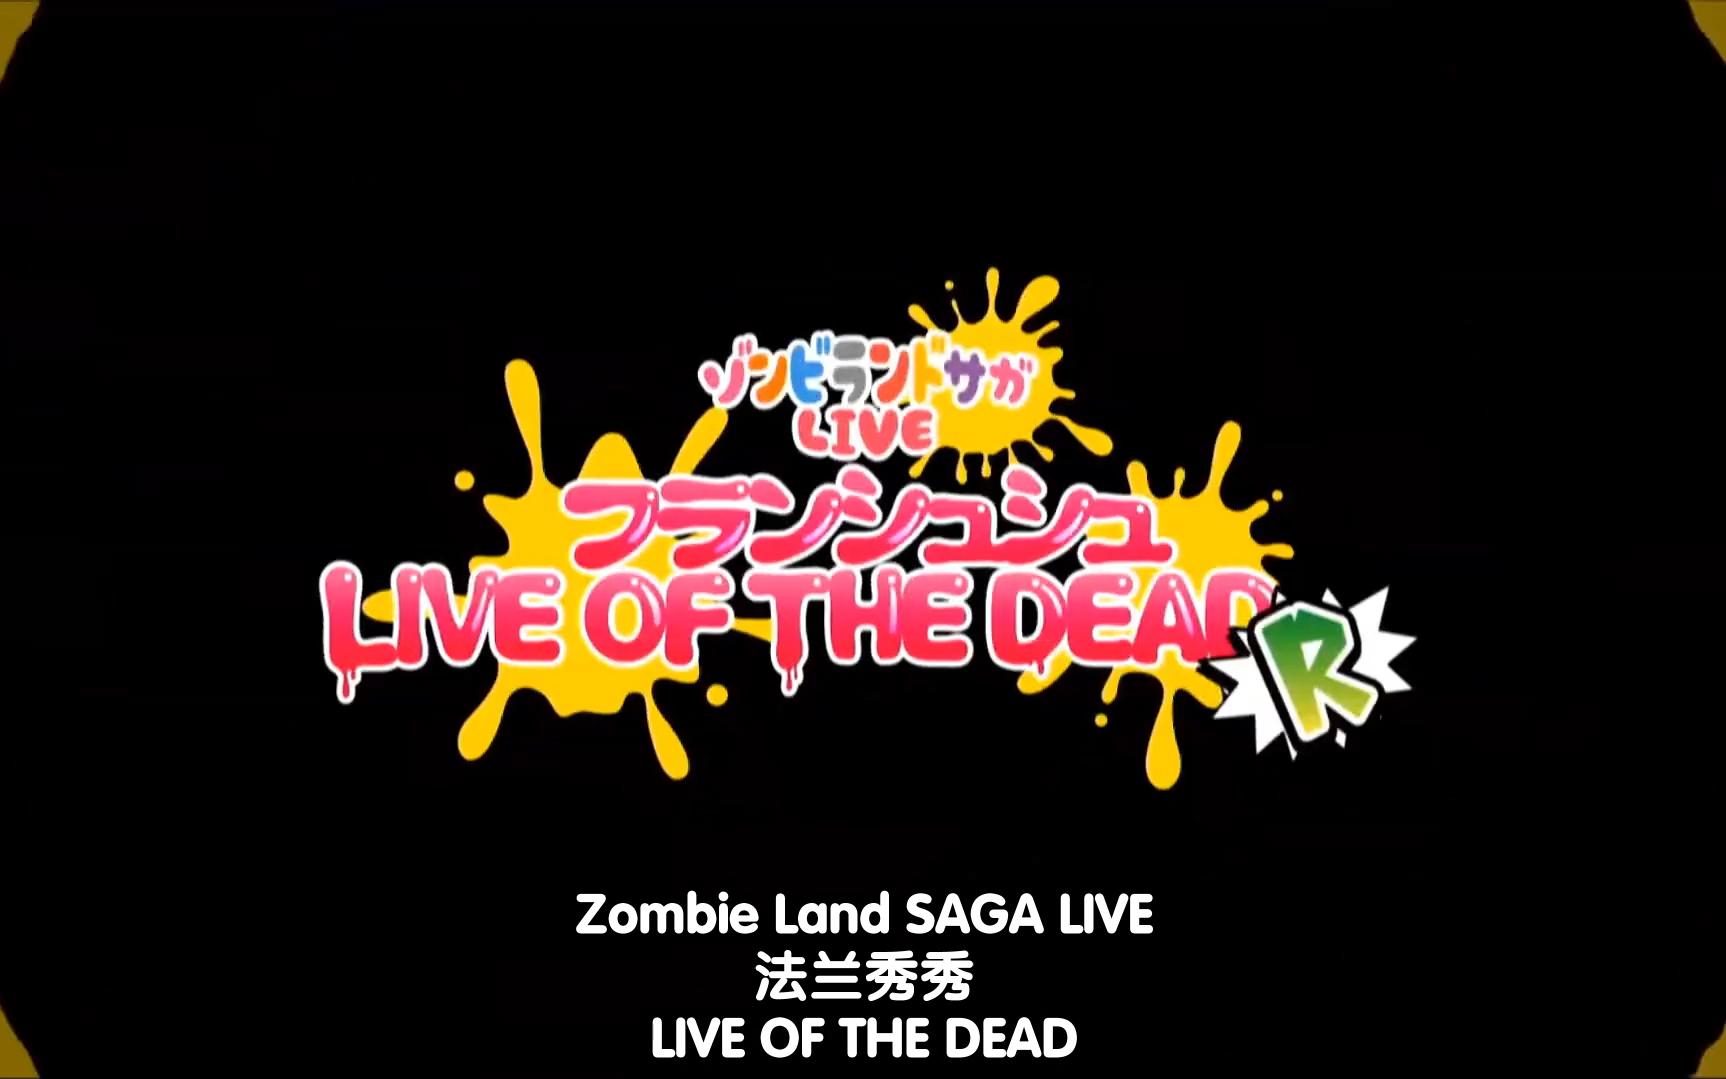 【中字/佐贺偶像是传奇】2.27 法兰秀秀 LIVE OF THE DEAD  R ~